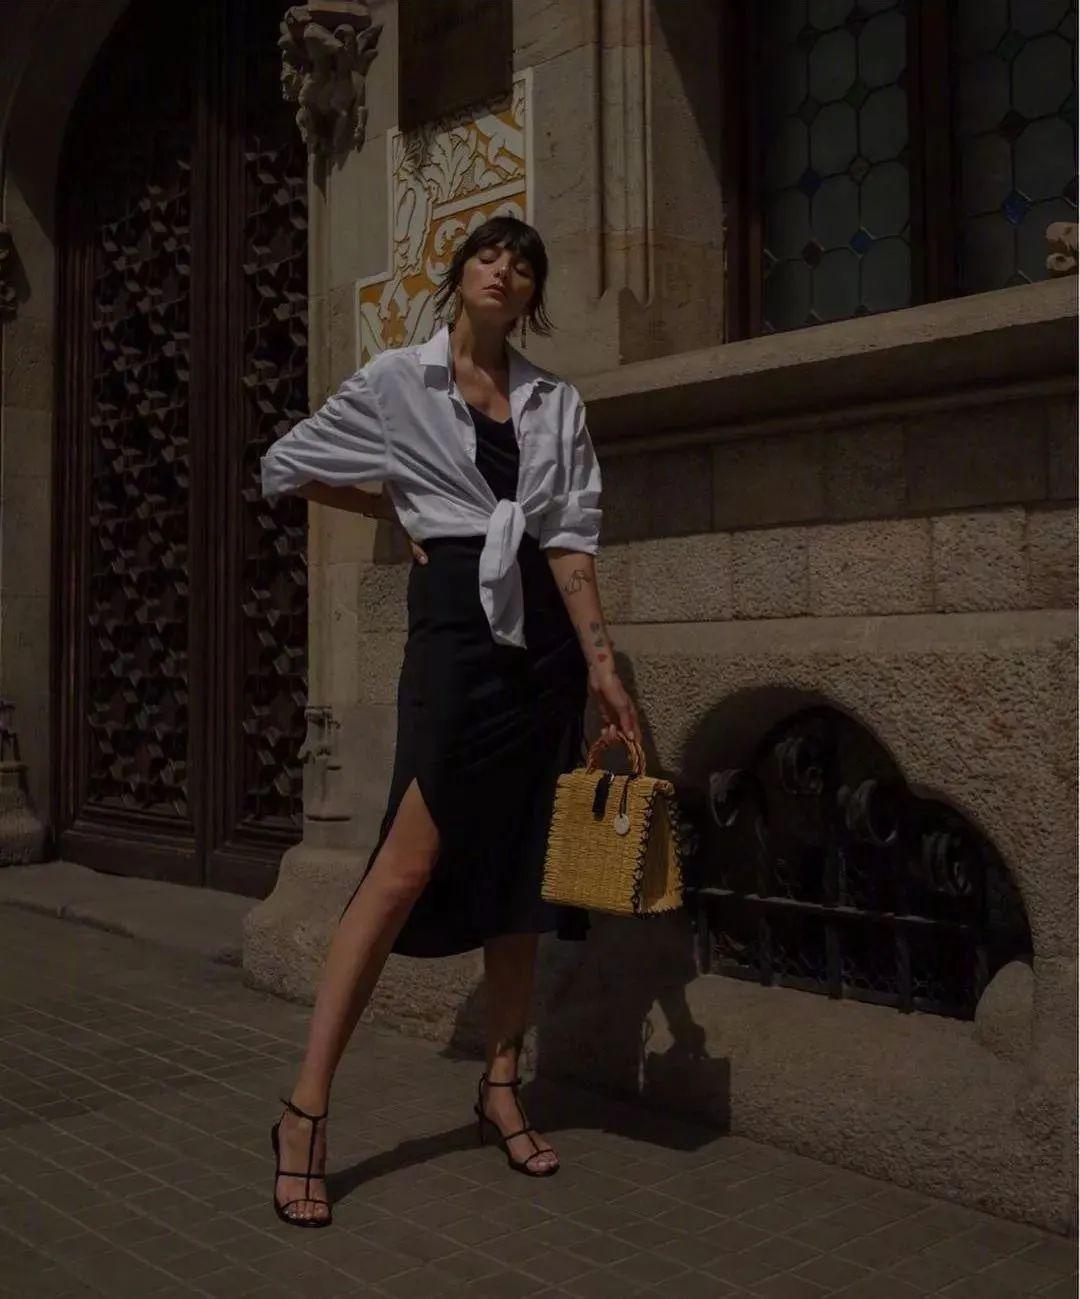 Sơ mi trắng - item kinh điển nhưng muốn mặc đẹp thì không phải nàng công sở nào cũng biết 10